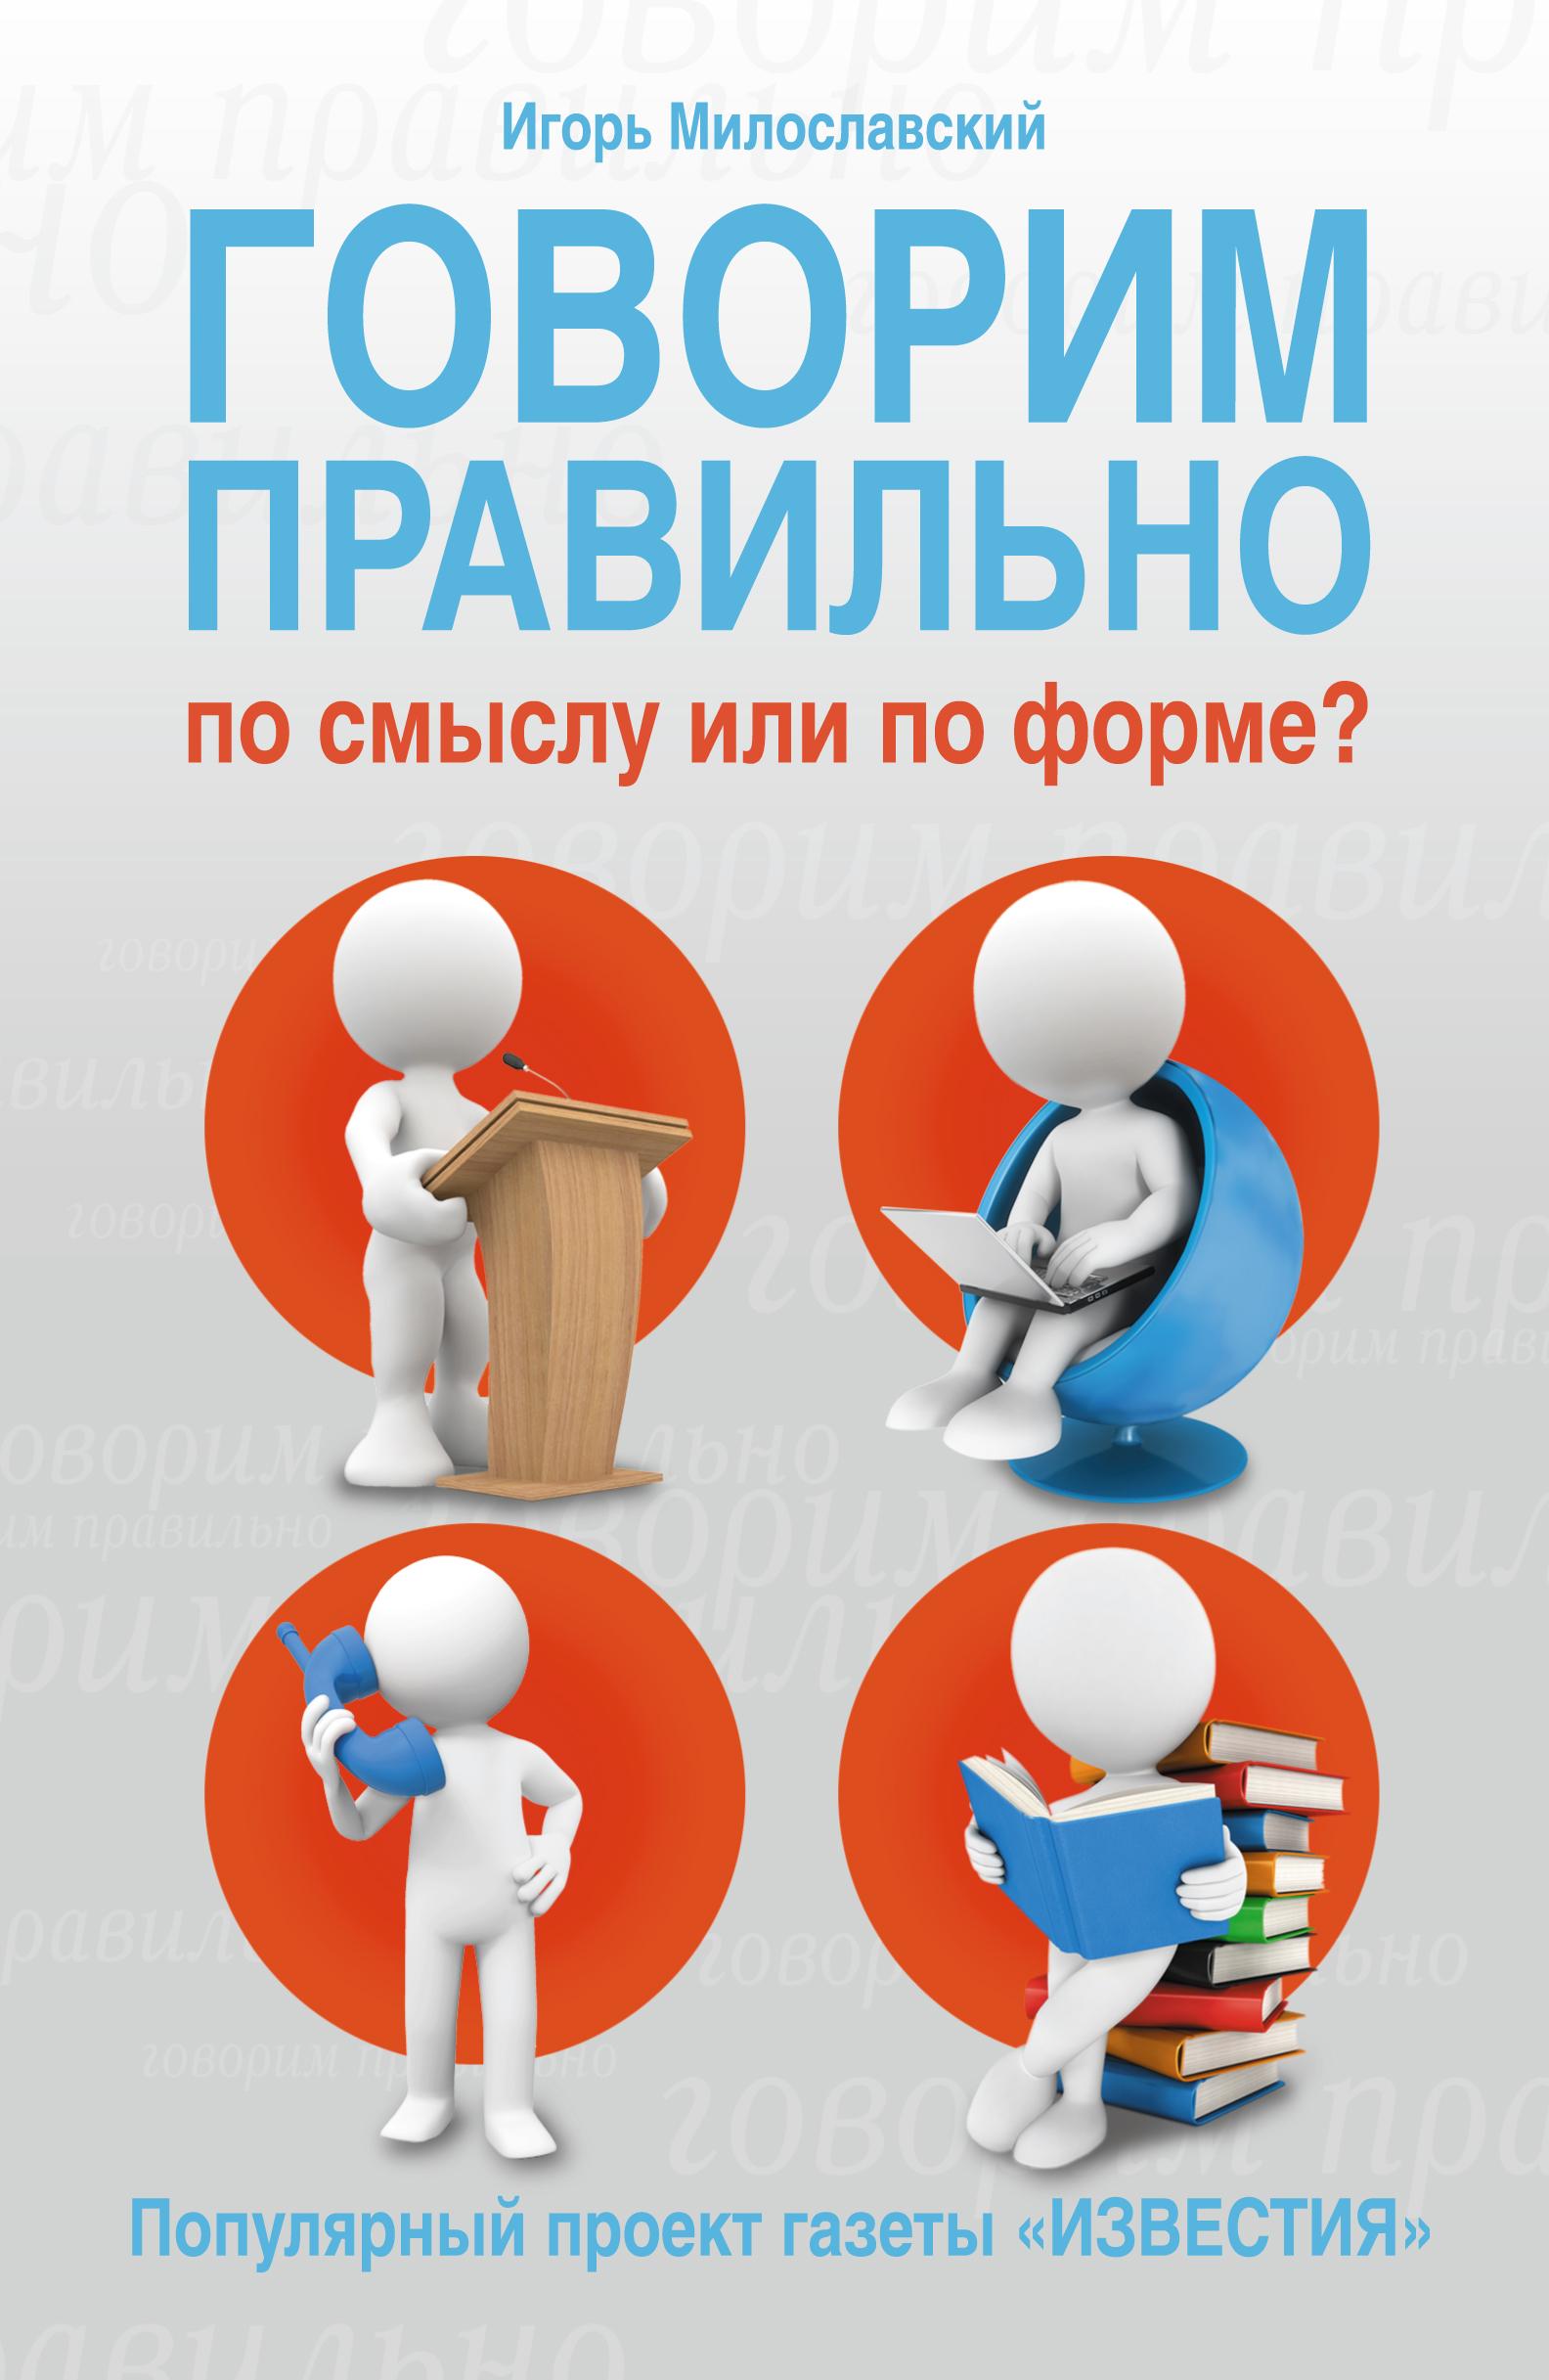 Милославский И.Г. Говорим правильно по смыслу или по форме говорим правильно по смыслу или по форме